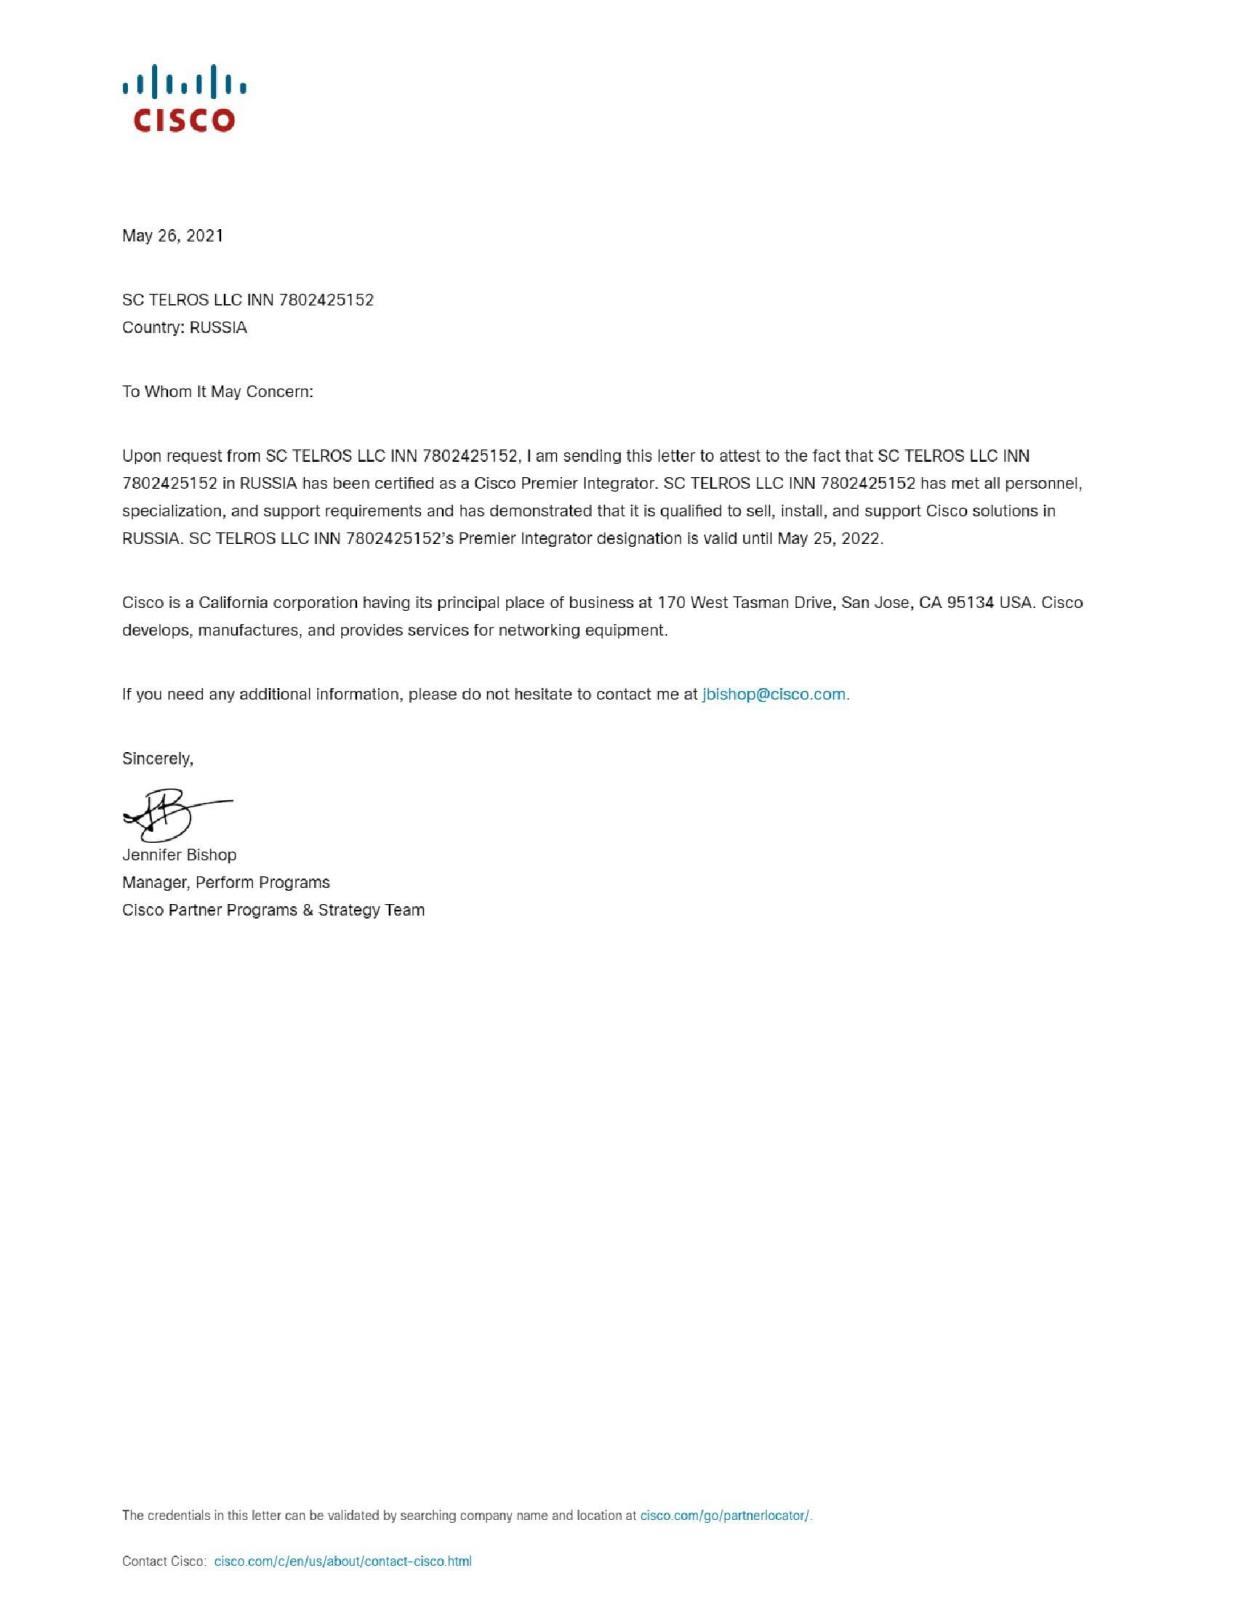 ООО «Сервисный центр ТЕЛРОС» стал обладателем статуса Cisco Premier Integrator, выполнив все необходимые требования в рамках обновленной партнерской программы компании Cisco Systems.